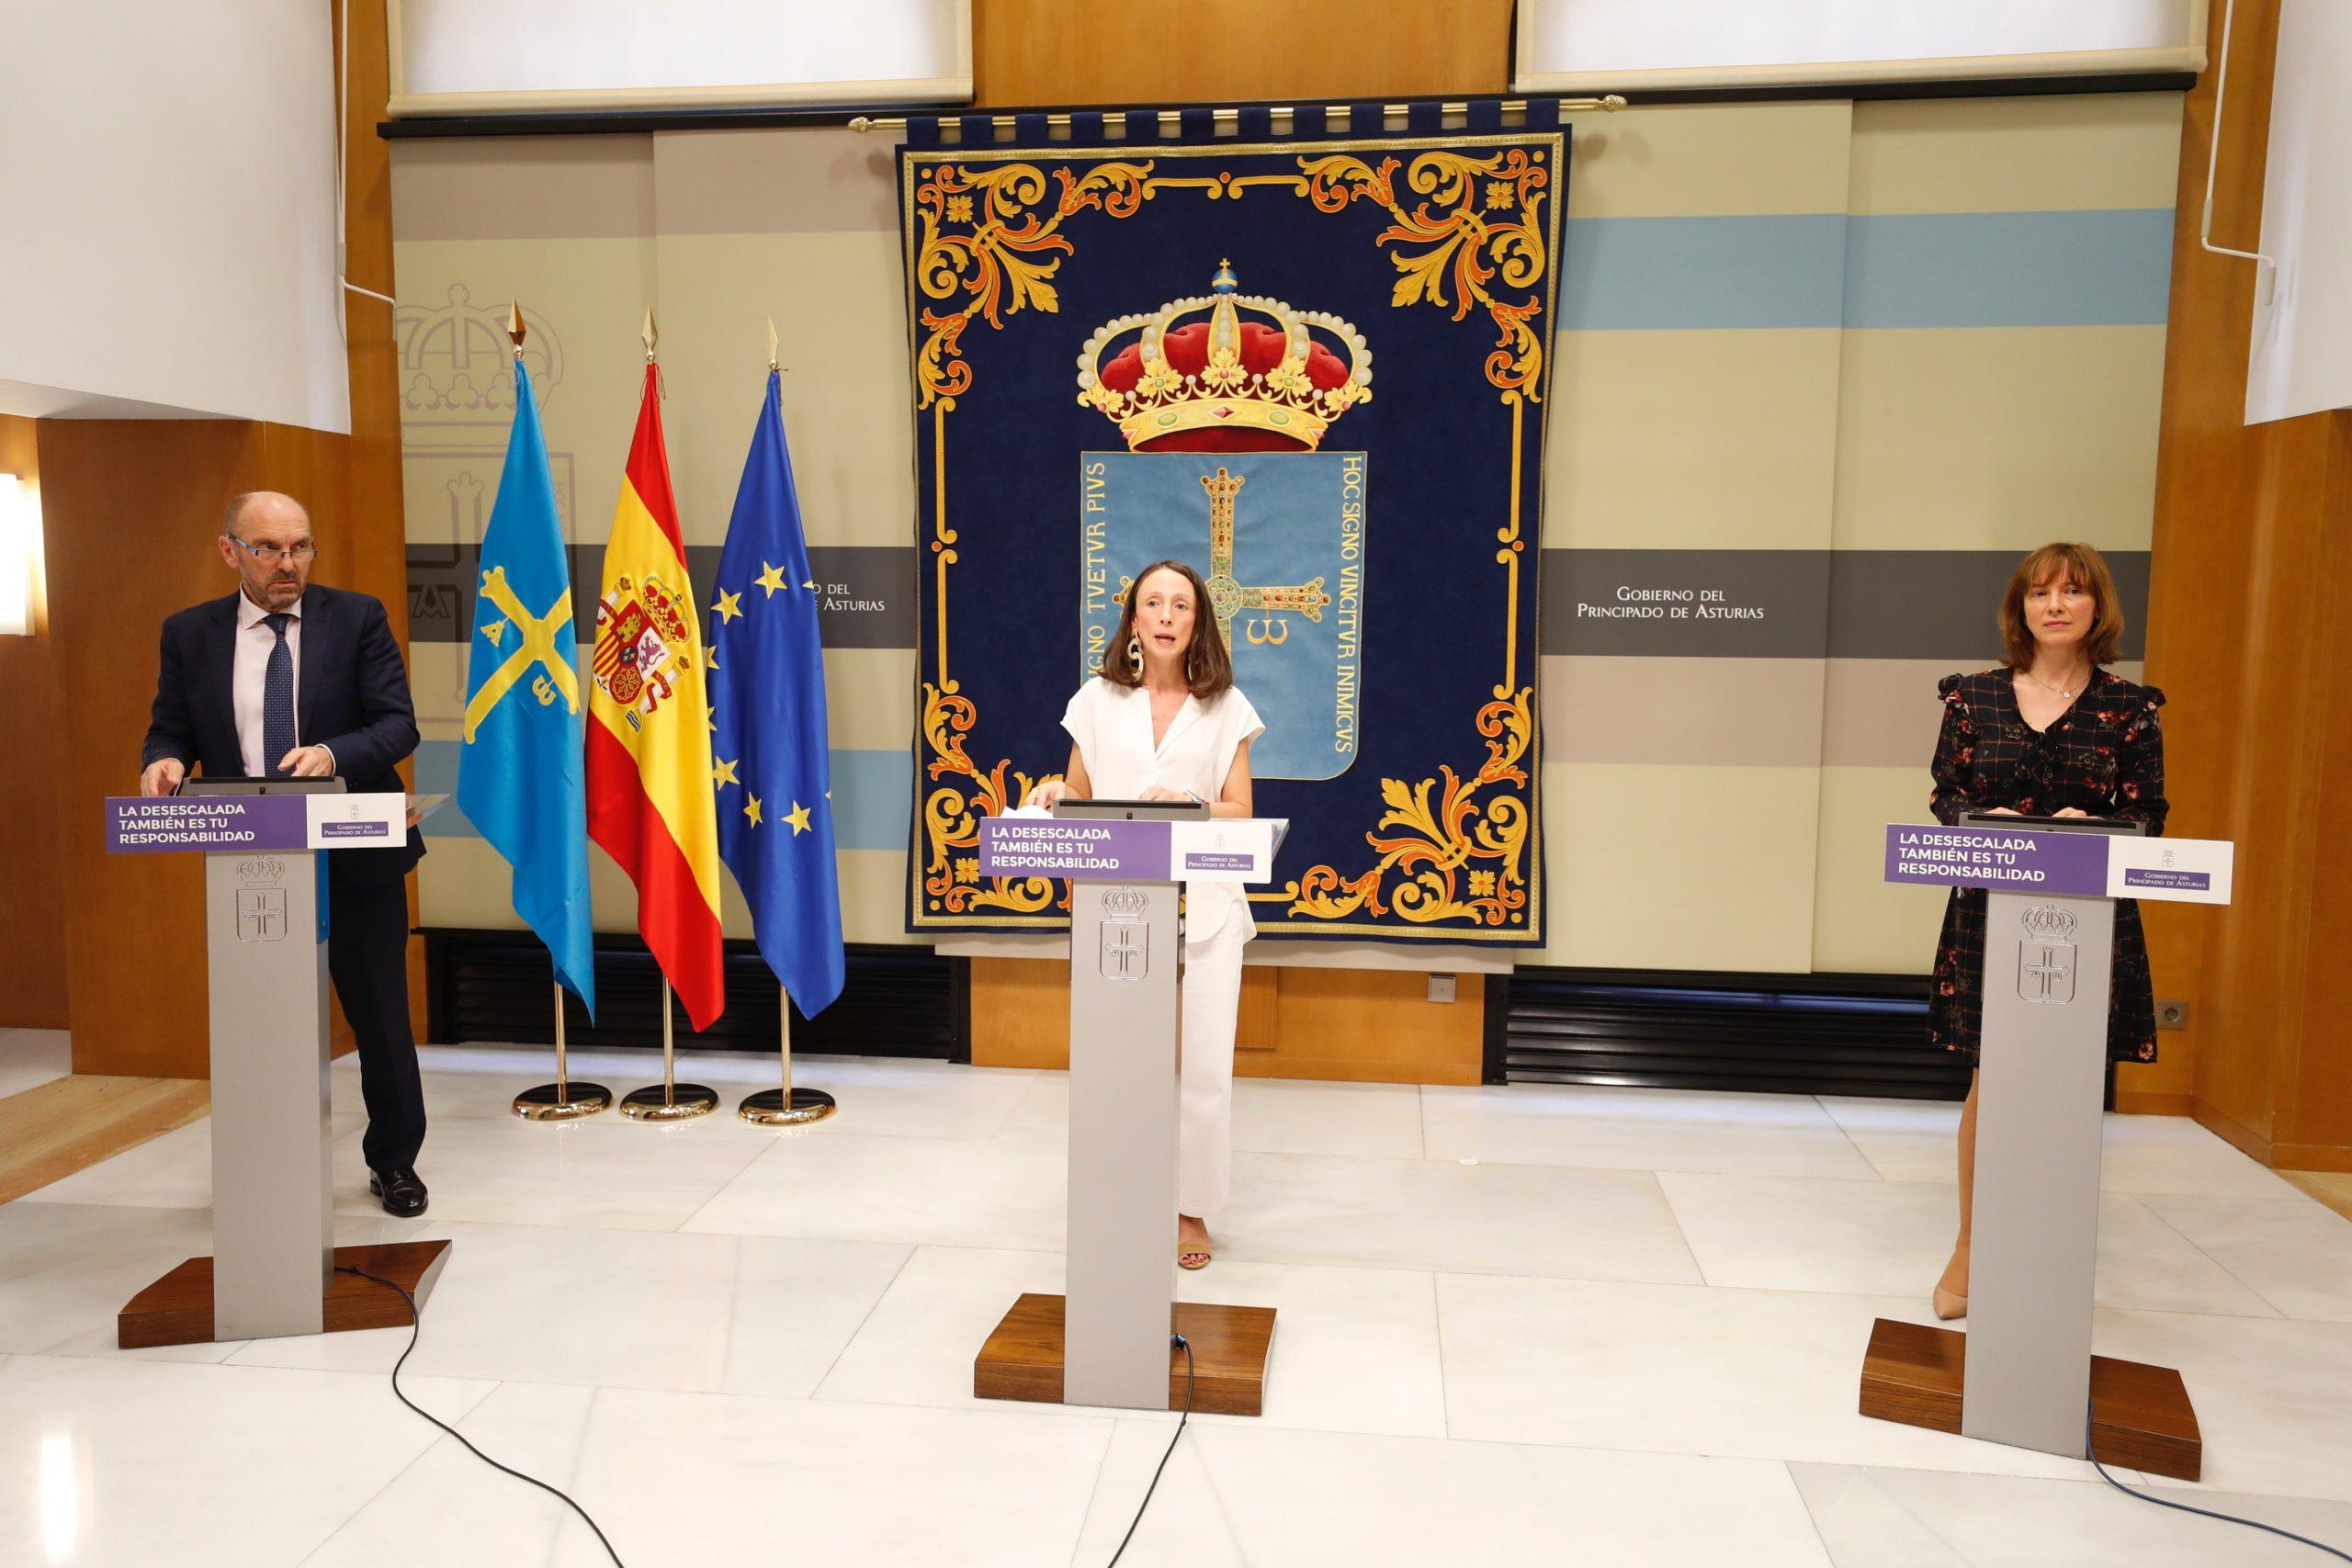 El Museo Etnográfico de Grandas de Salime llevará el nombre de Pepe el Ferreiro